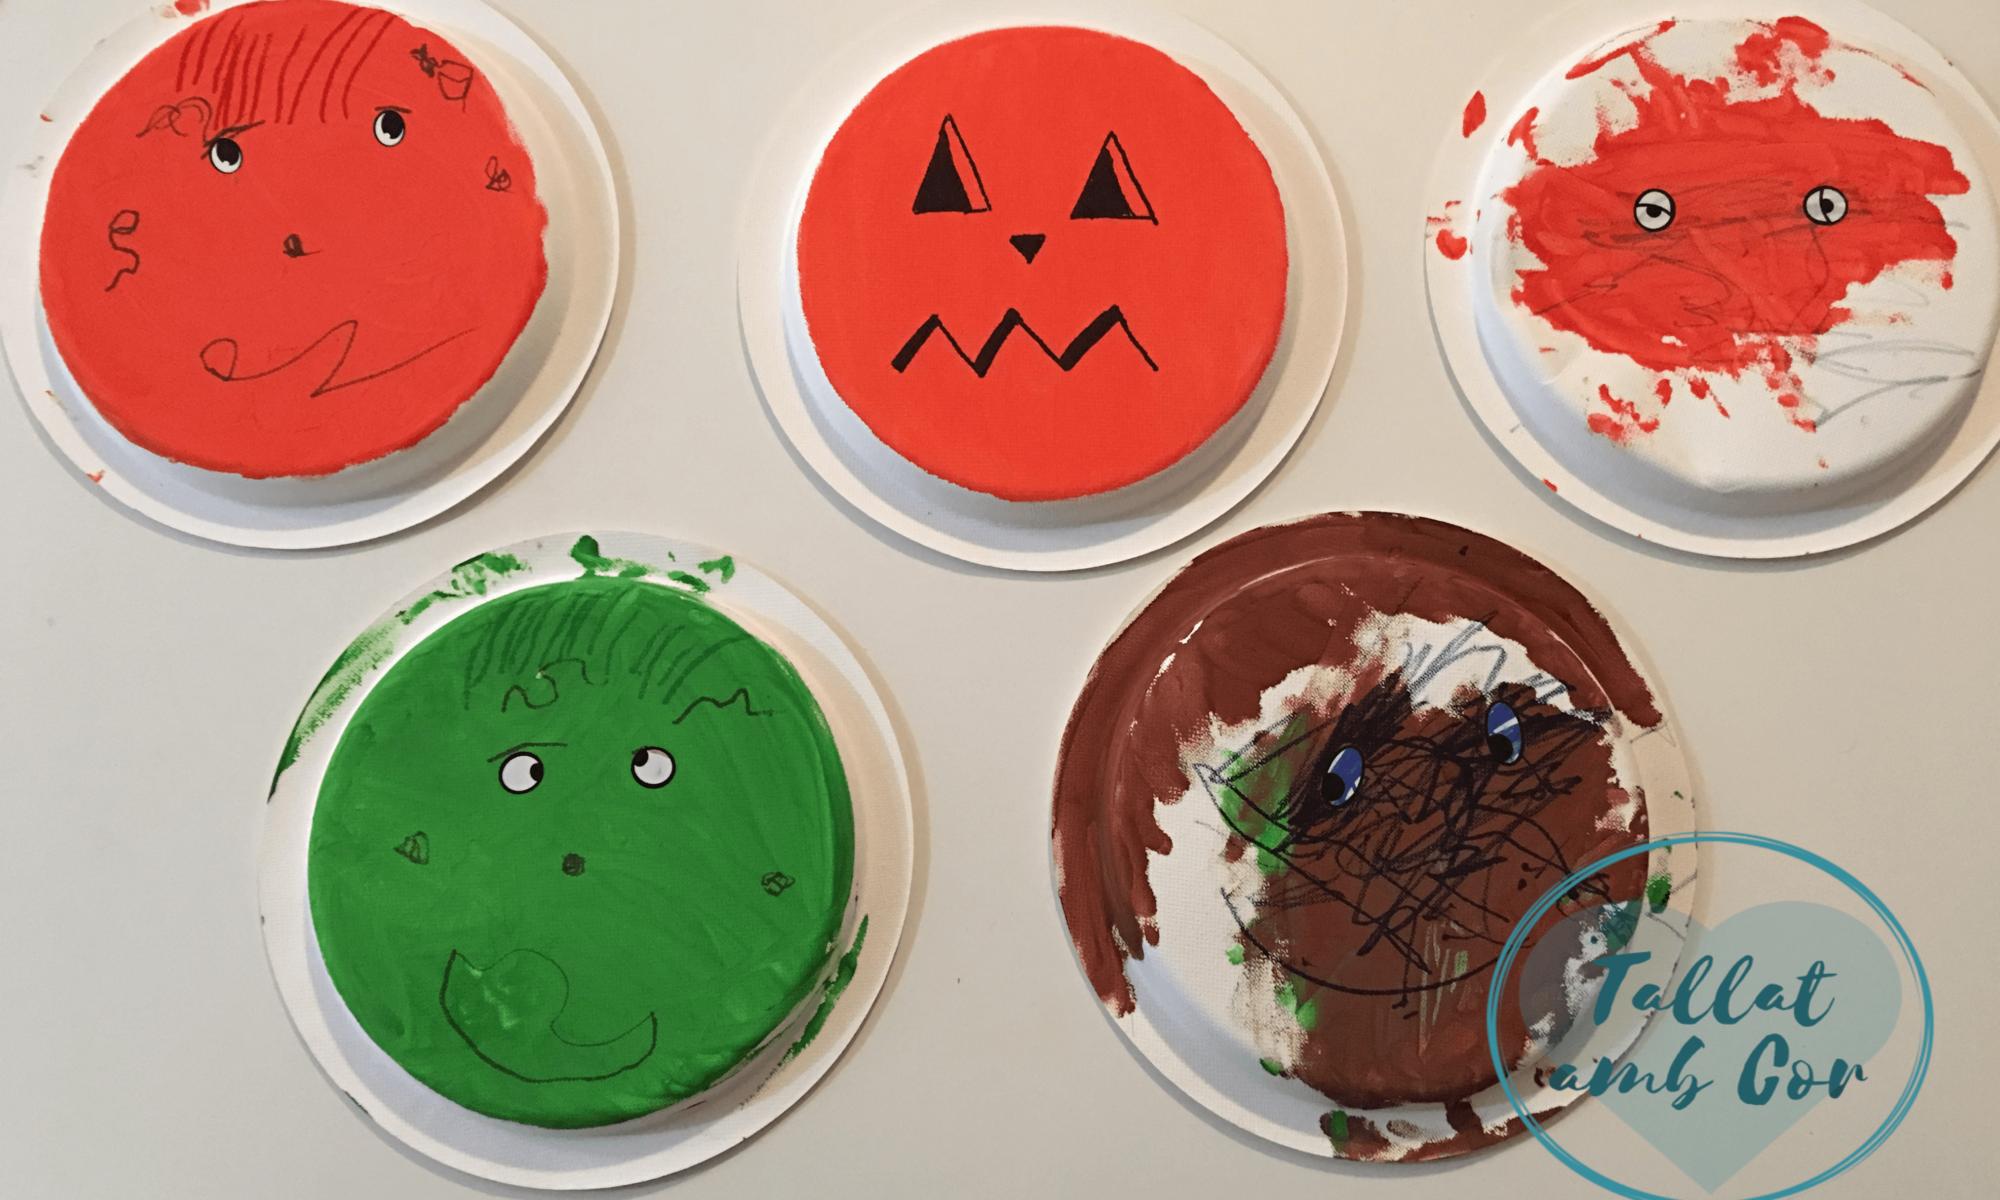 5 platos pintados 3 de color naranja, 1 marrón y 1 verde. Todos ellos con caras pintadas.